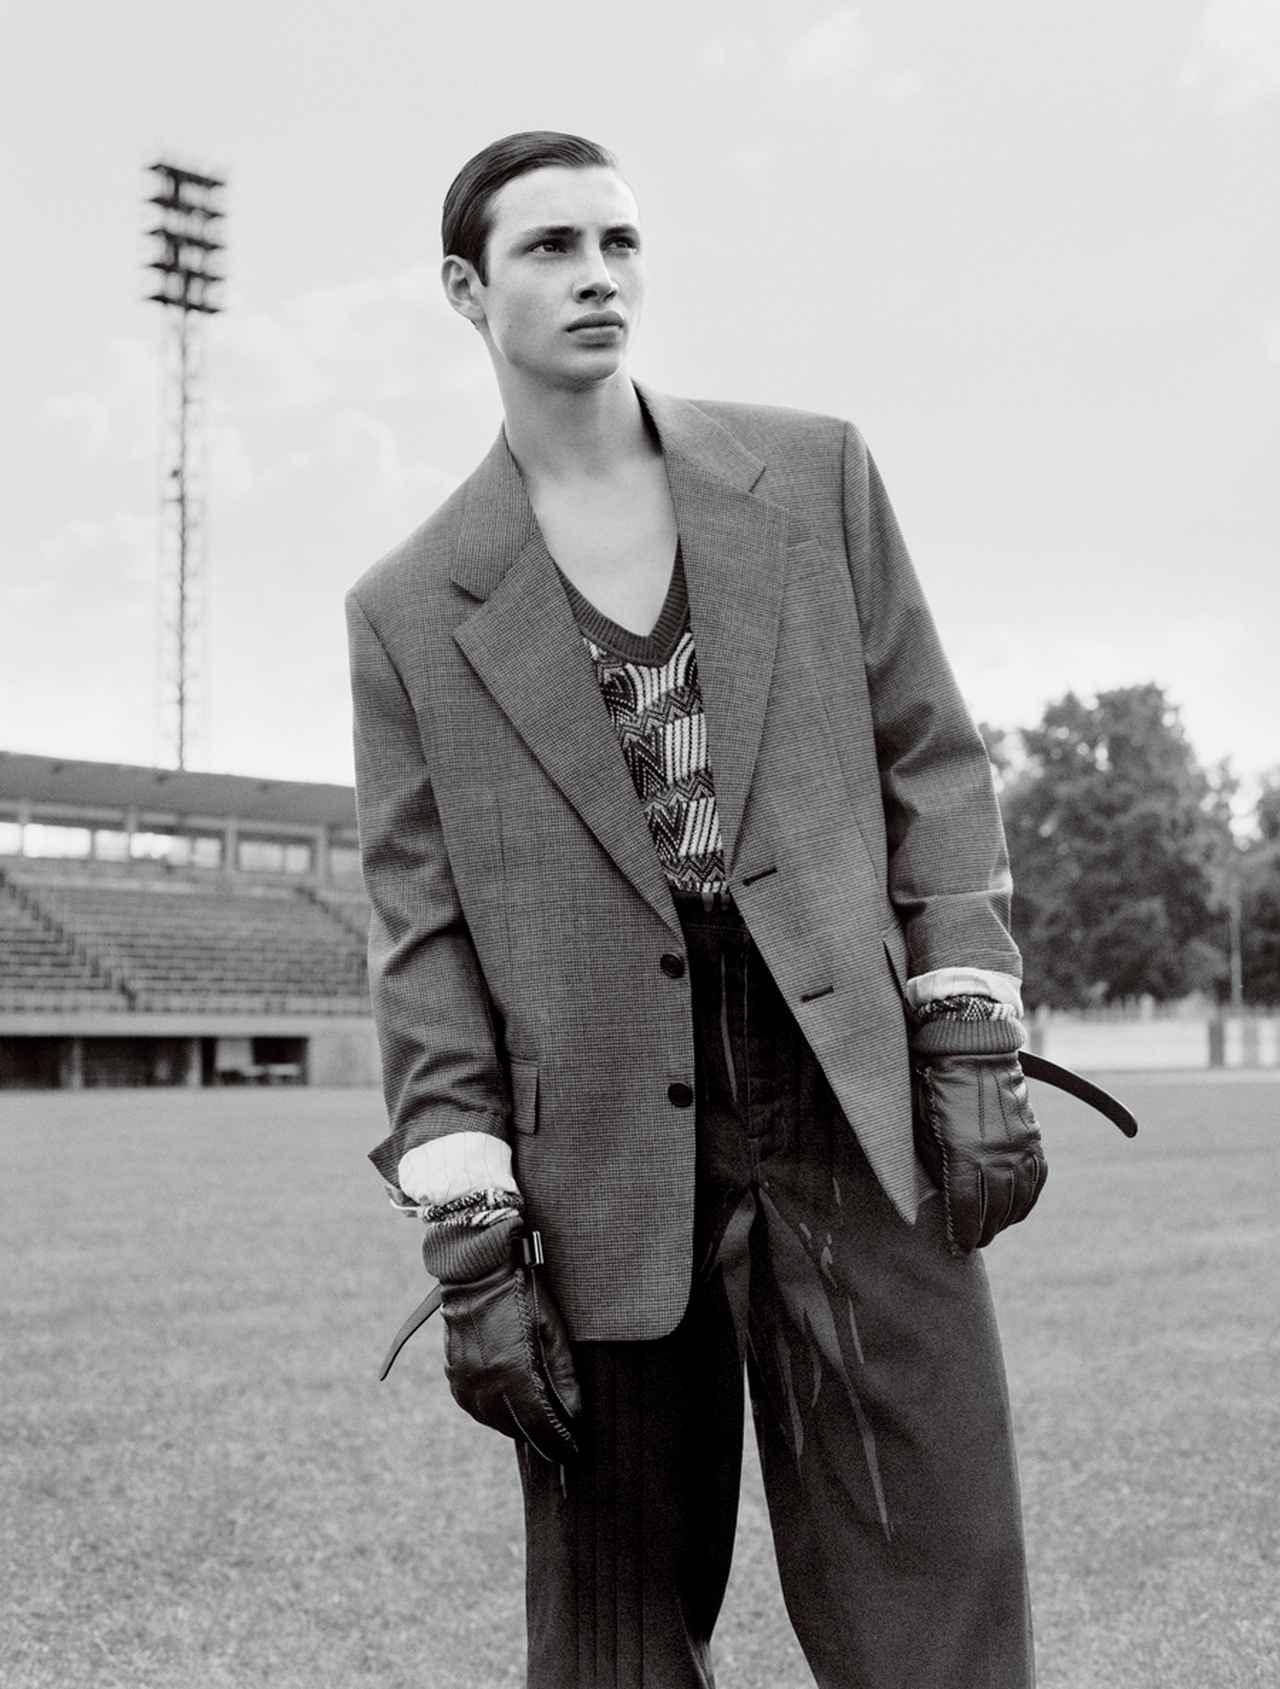 Images : 7番目の画像 - 「テーラードと スポーツをミックス。 ストリートスタイル最前線」のアルバム - T JAPAN:The New York Times Style Magazine 公式サイト